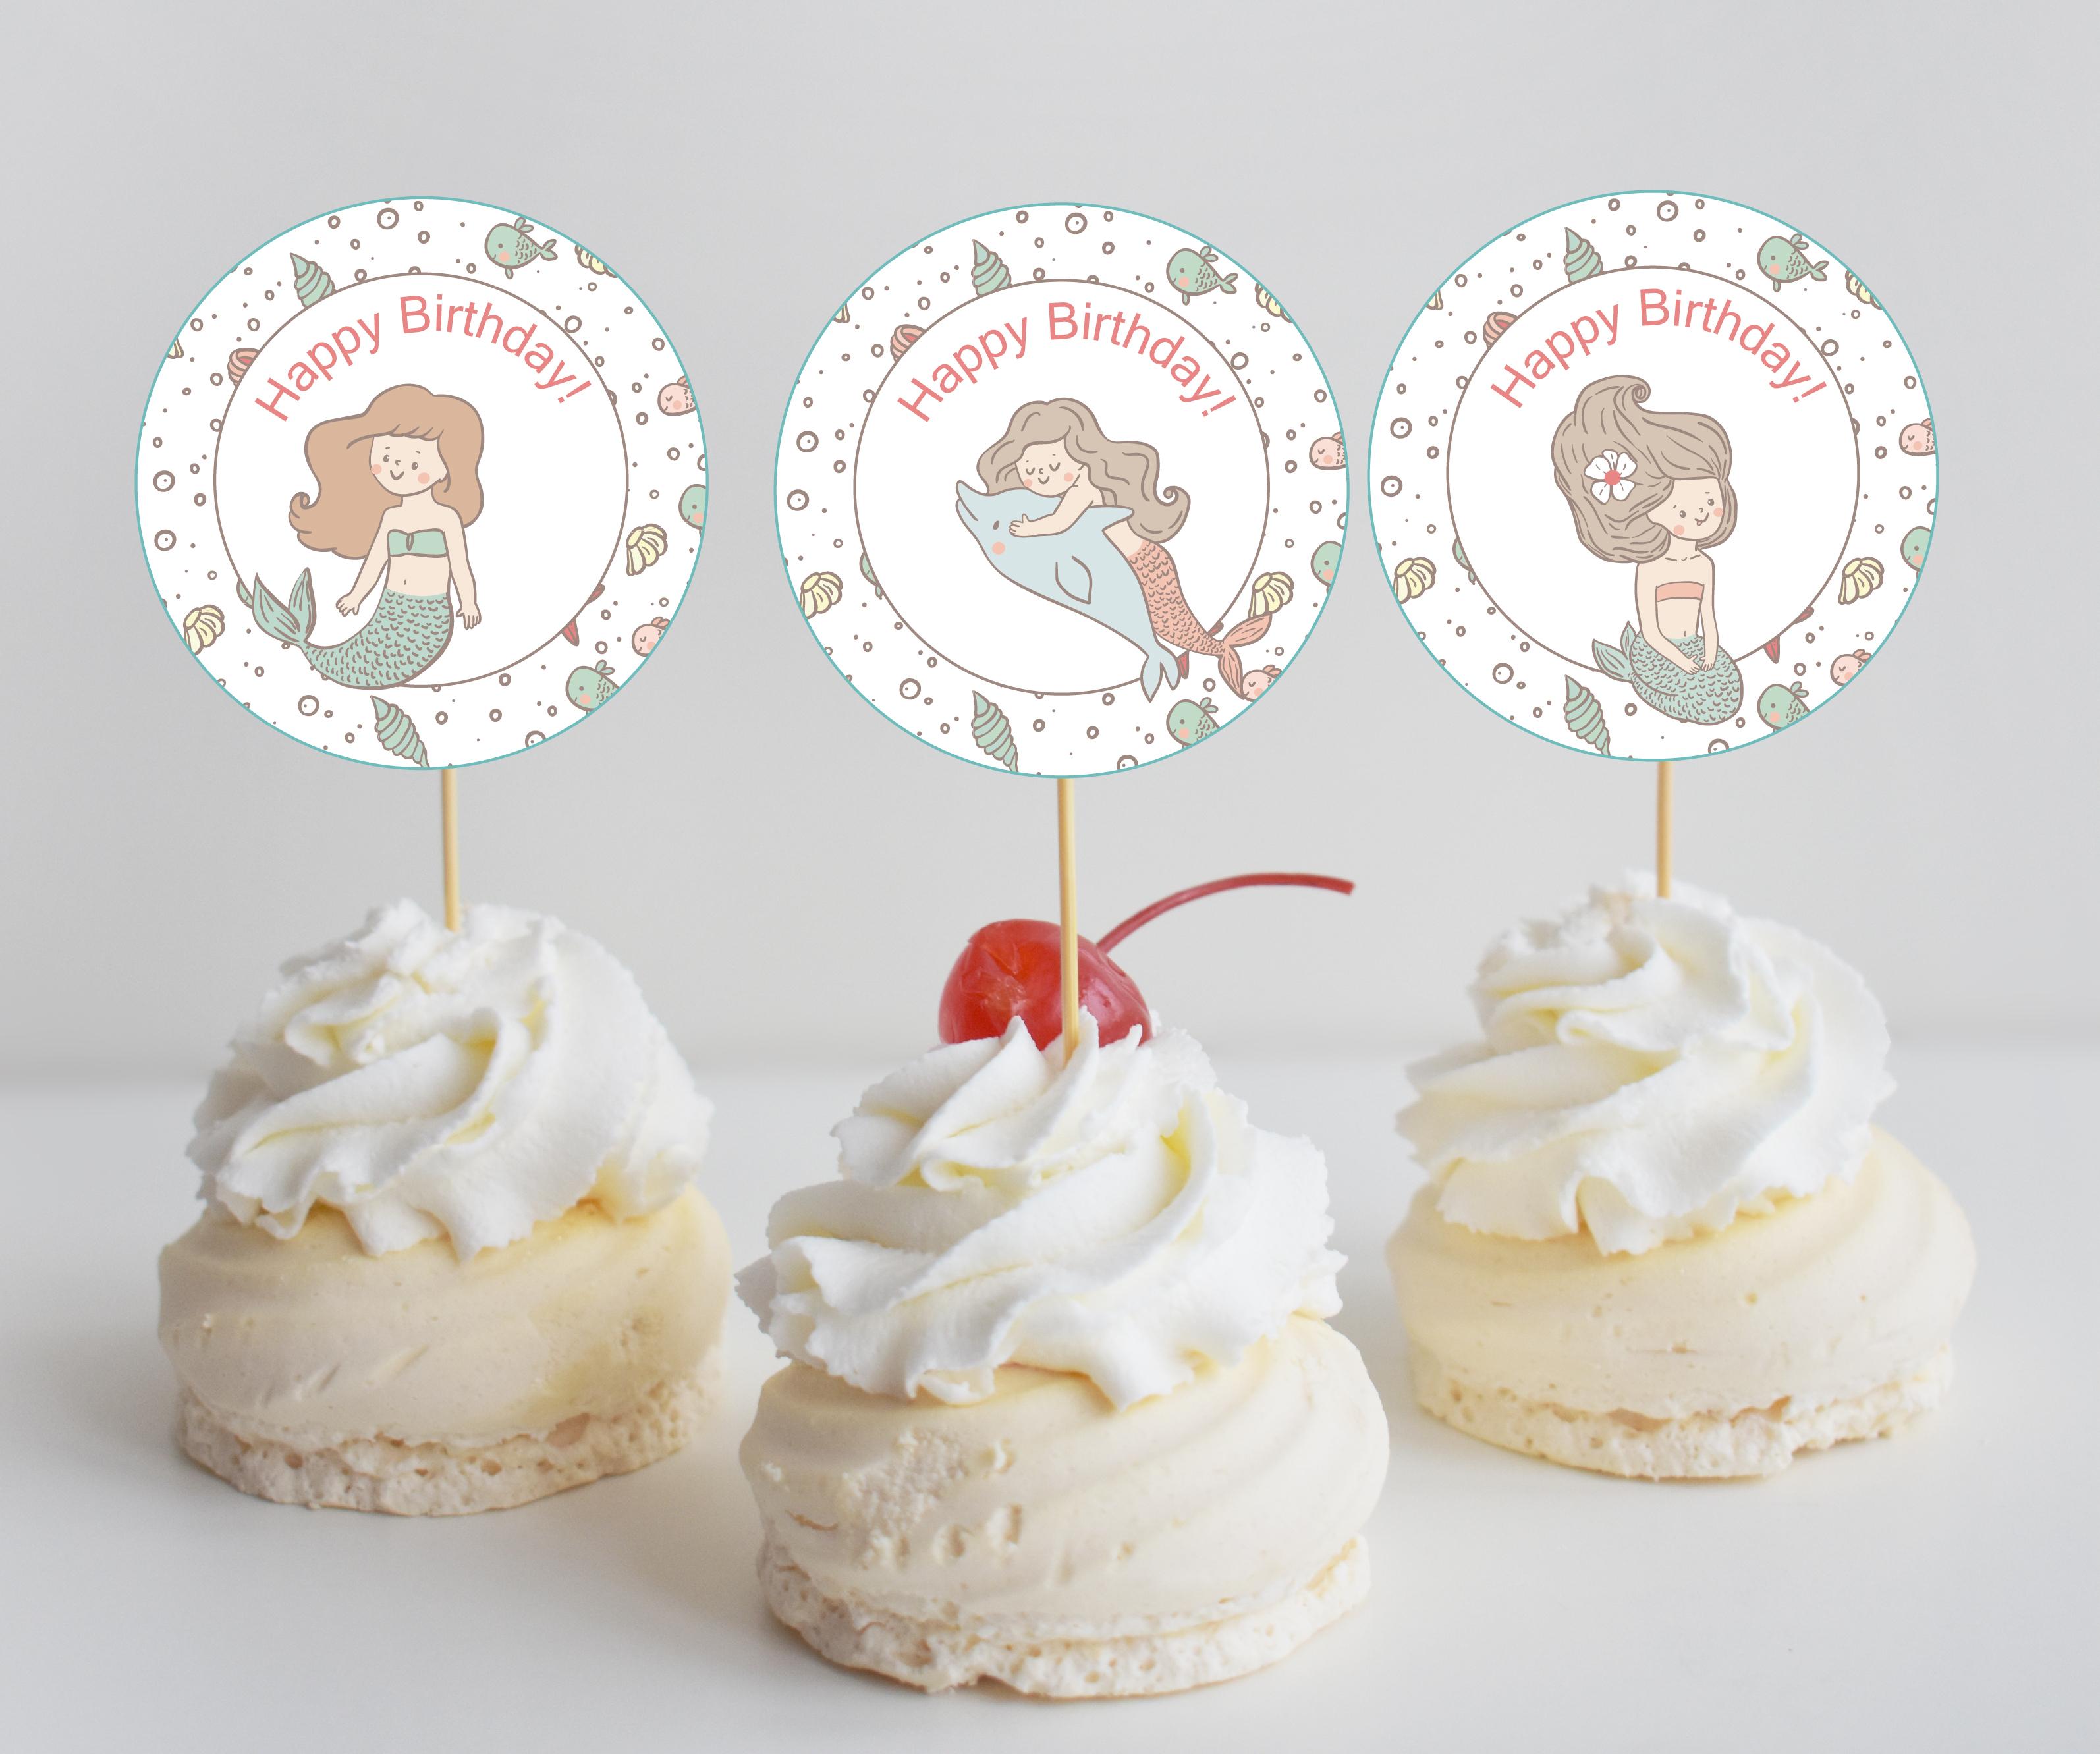 Free Mermaid Birthday Party Printables - Mermaid Party Bundle - Free Printable Mermaid Cupcake Toppers